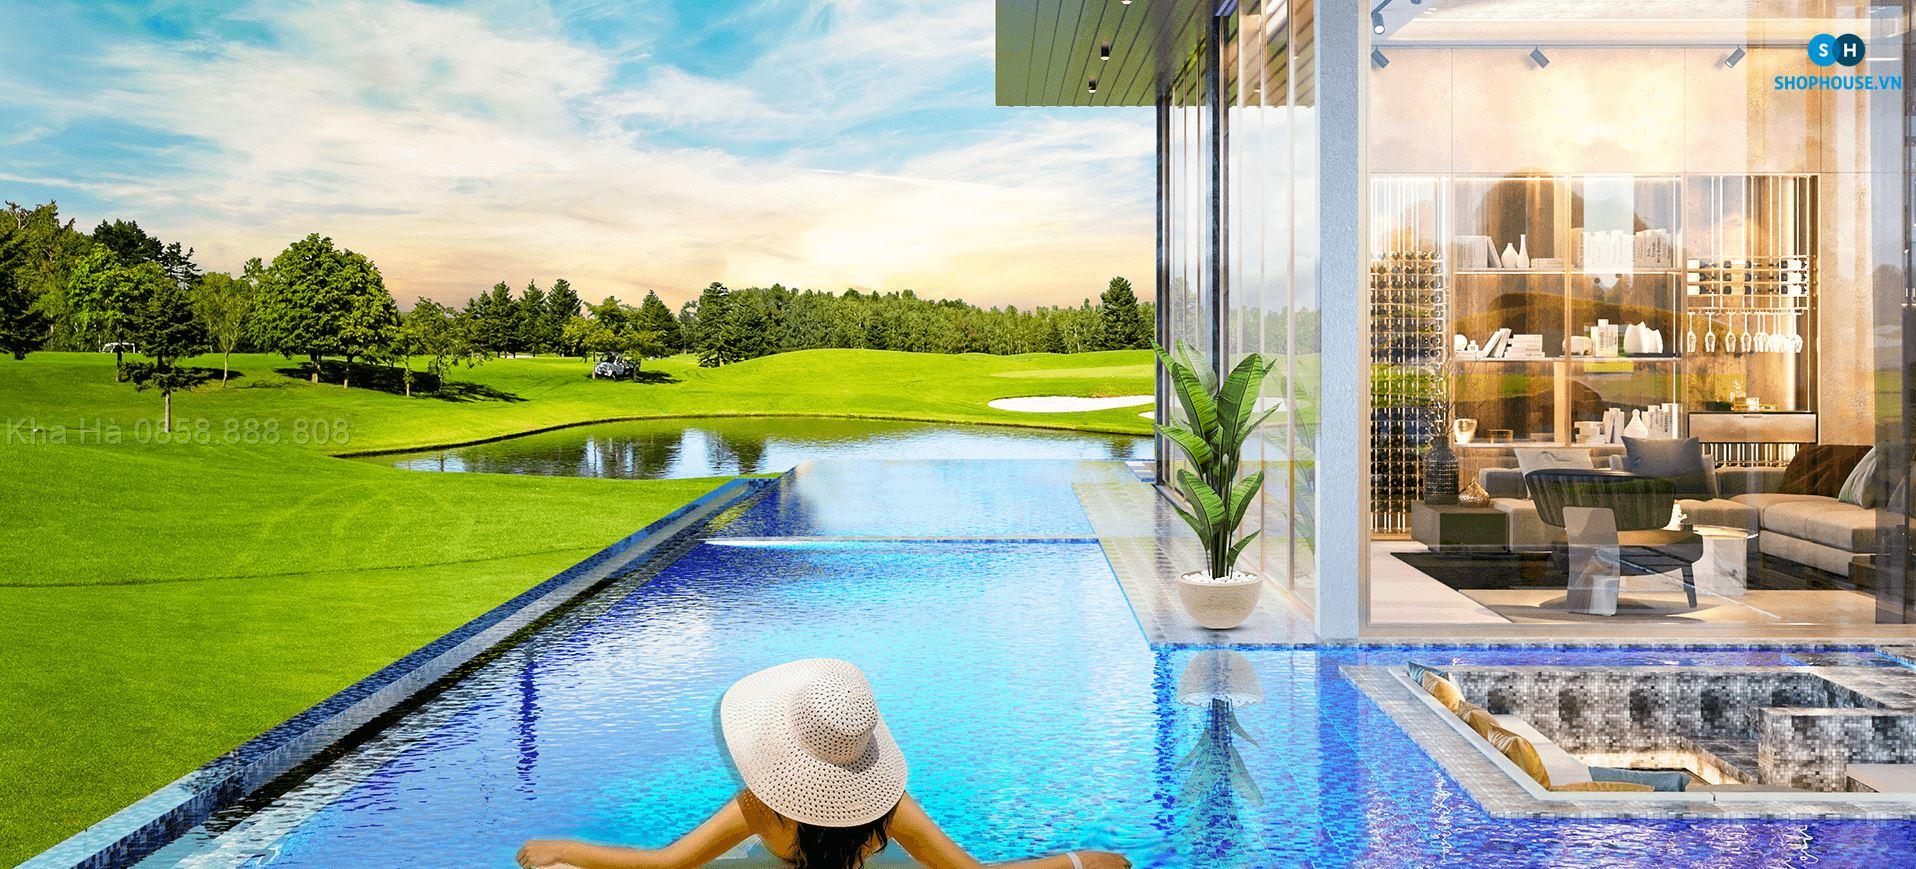 ho-boi-view-pga-golf-villas-garden-novaworld